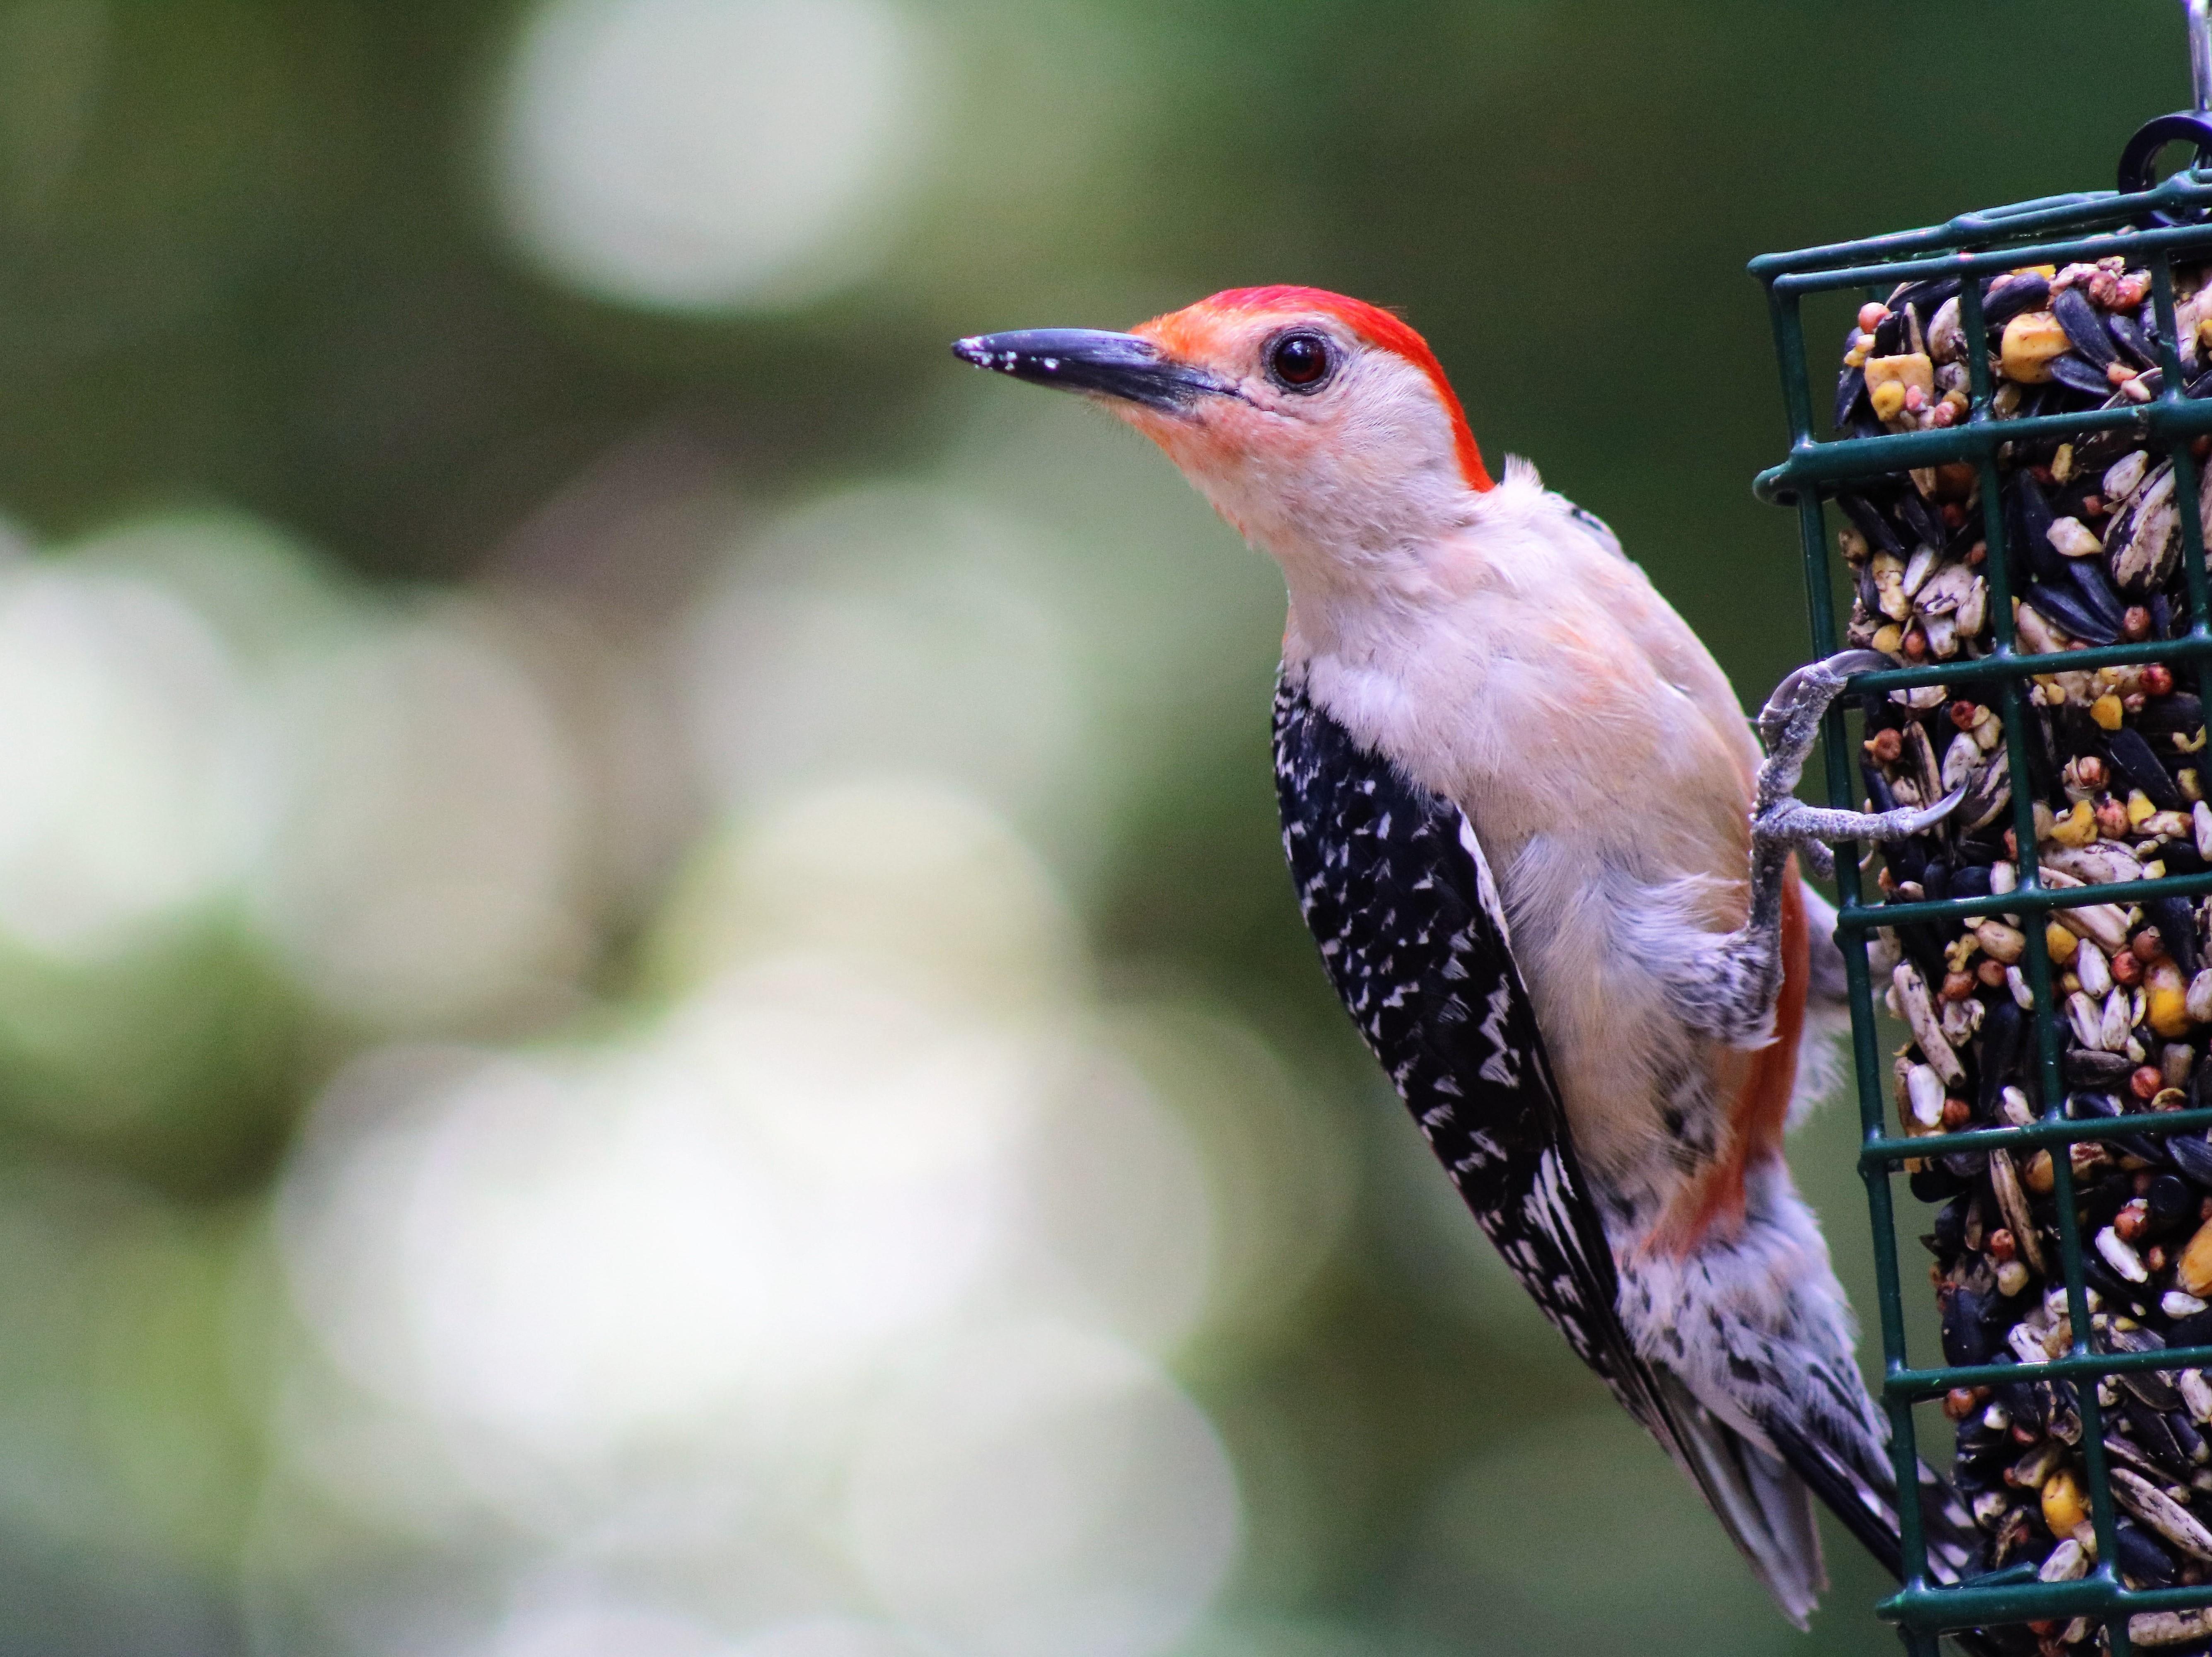 Woodpecker: Red Bellied Woodpecker enjoying the bird feeder in our back yard.